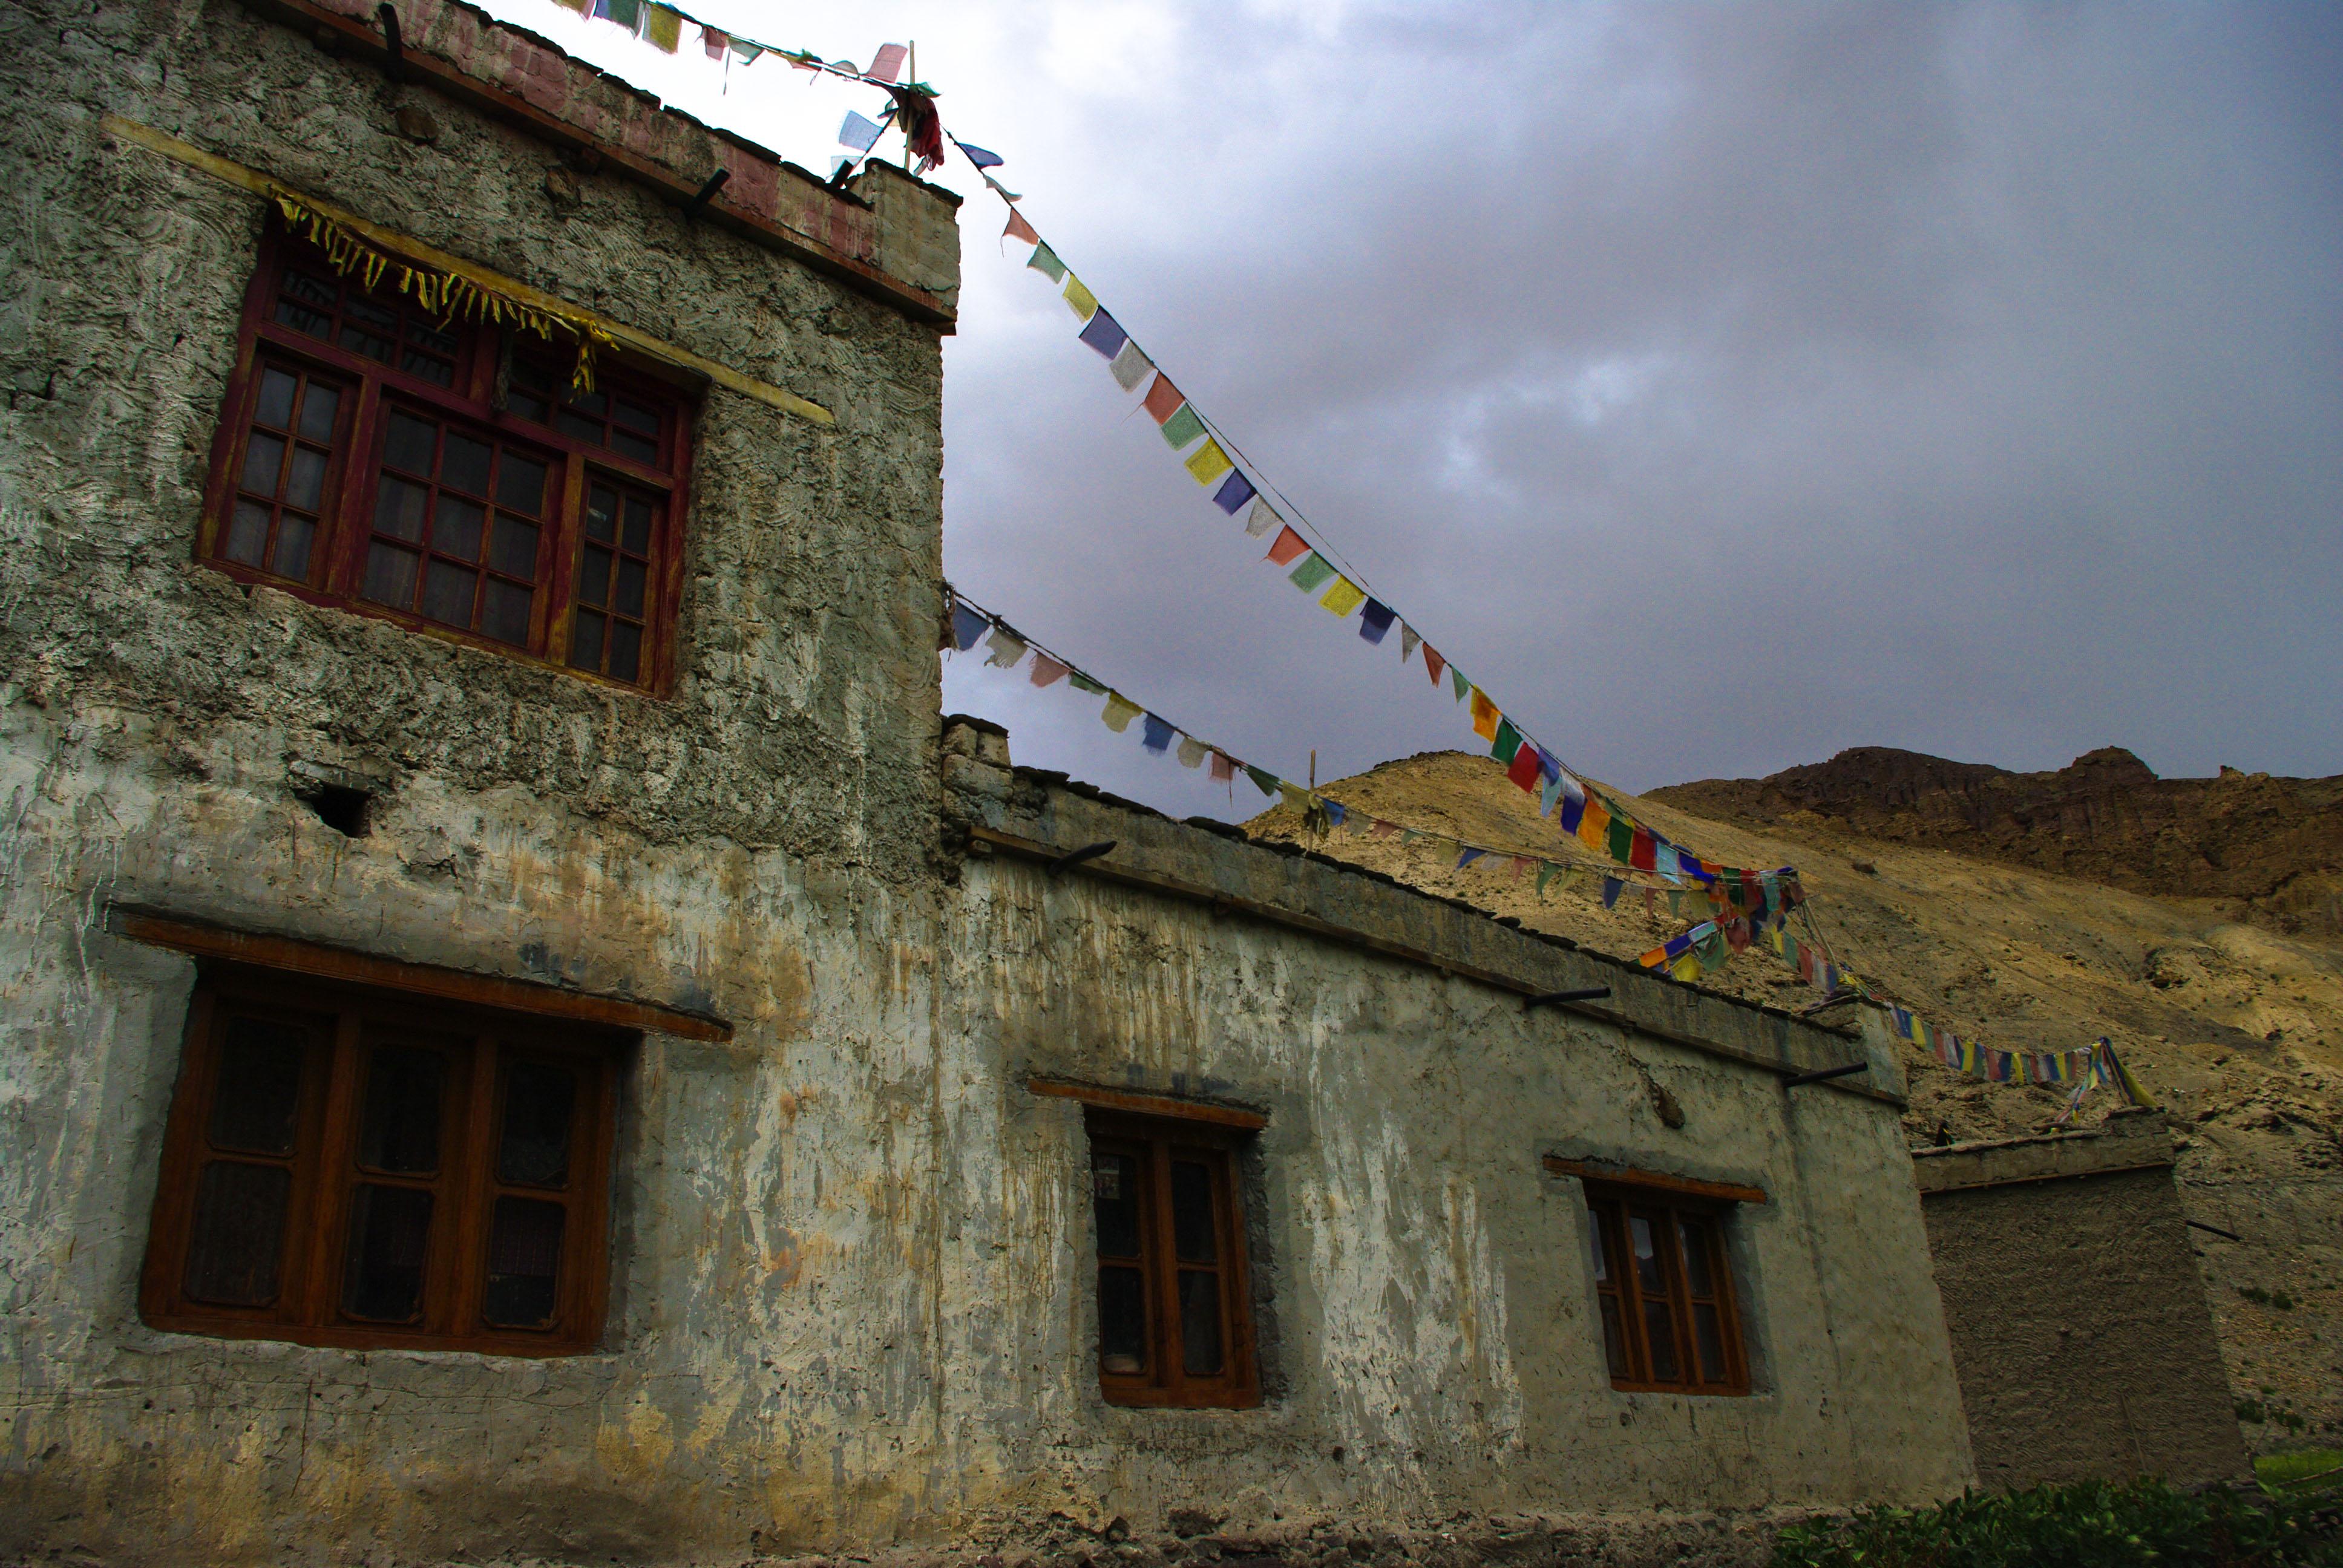 Дом с молитвенными флажками в Гималаях